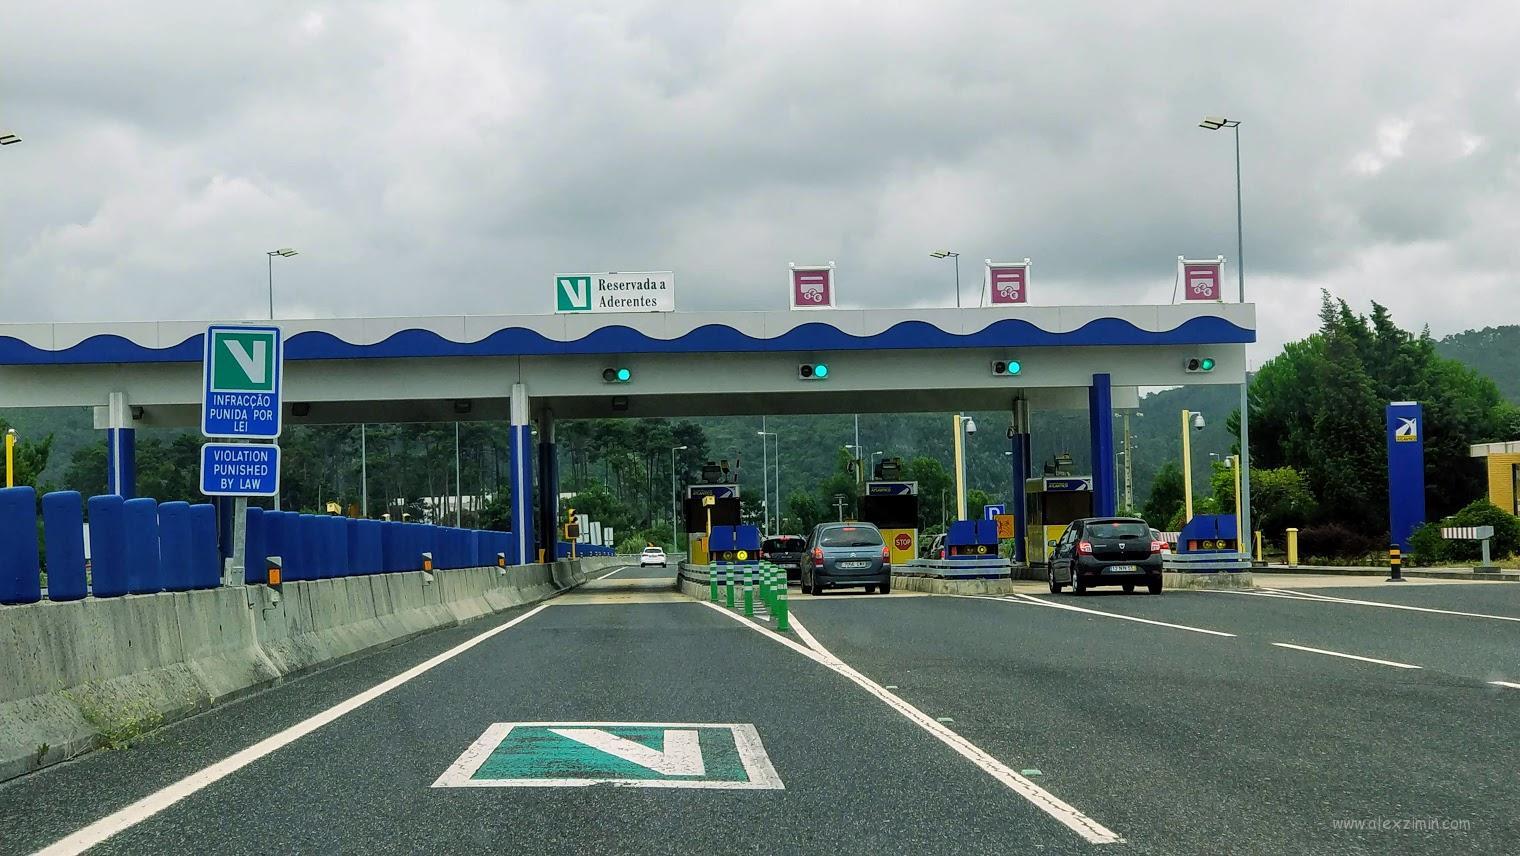 Выделенная полоса на дороге для транспондера Via Verde